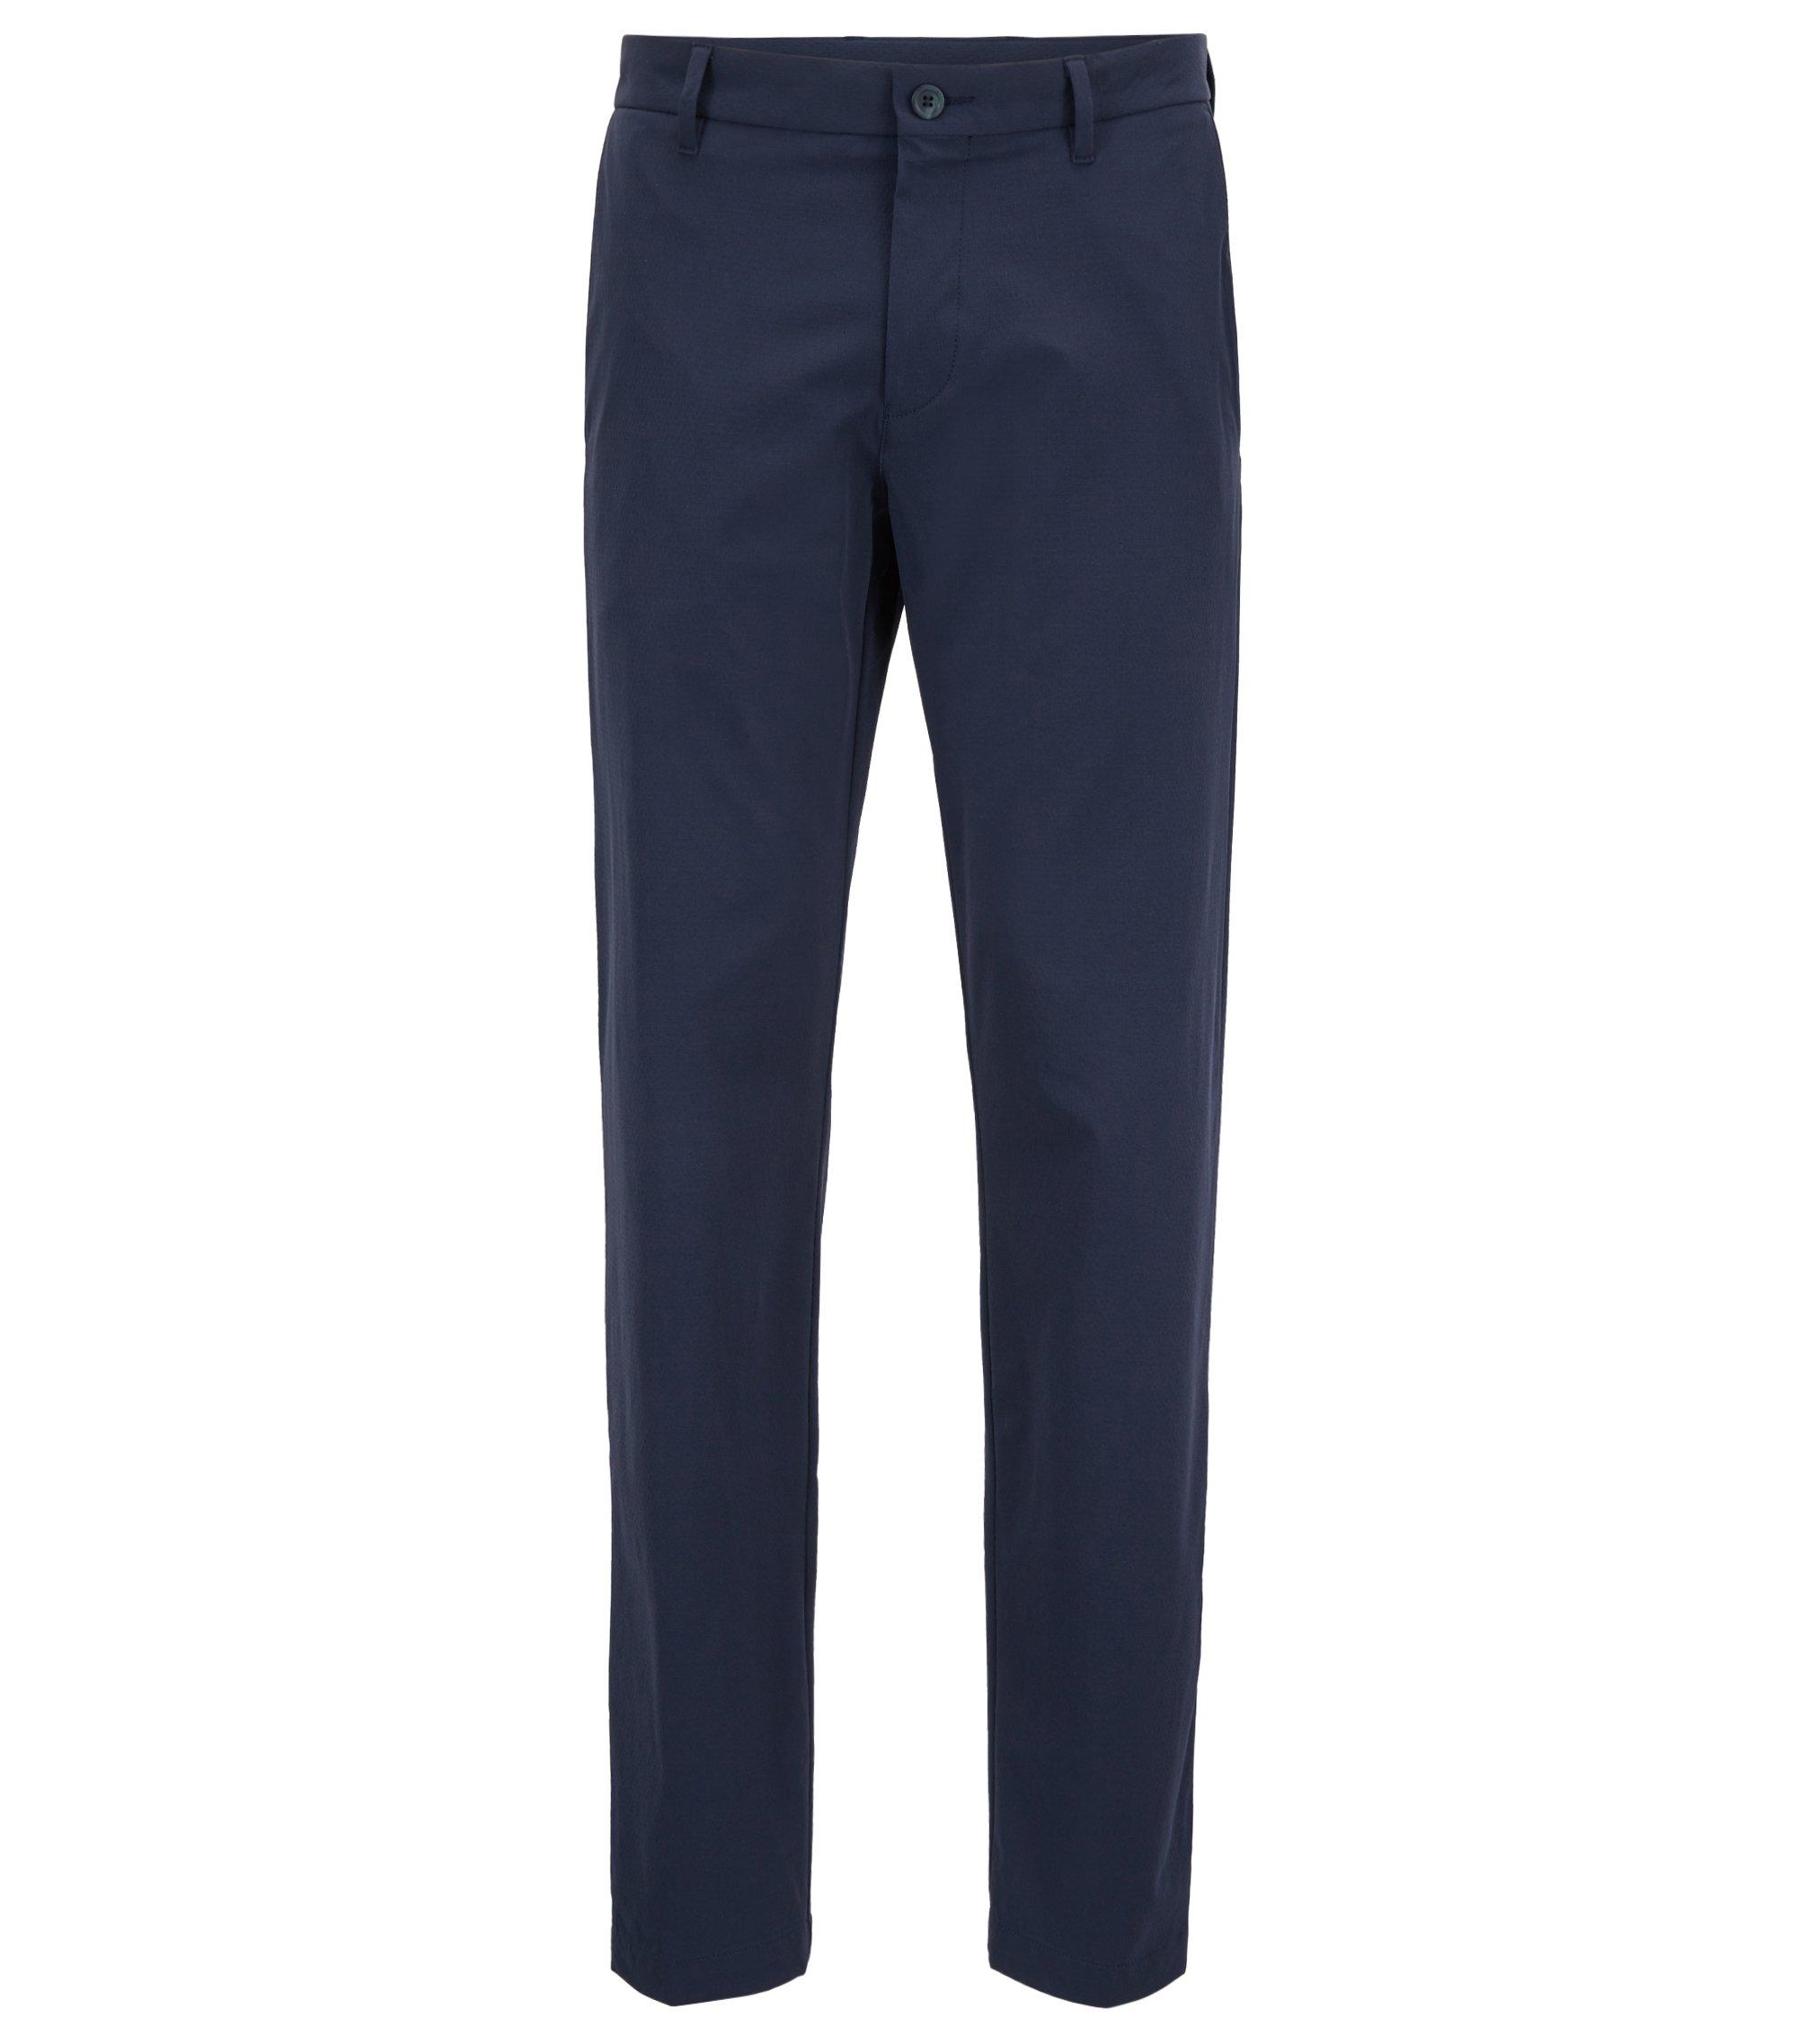 Extra Slim-Fit Hose aus wasserabweisendem Stretch-Gewebe, Dunkelblau